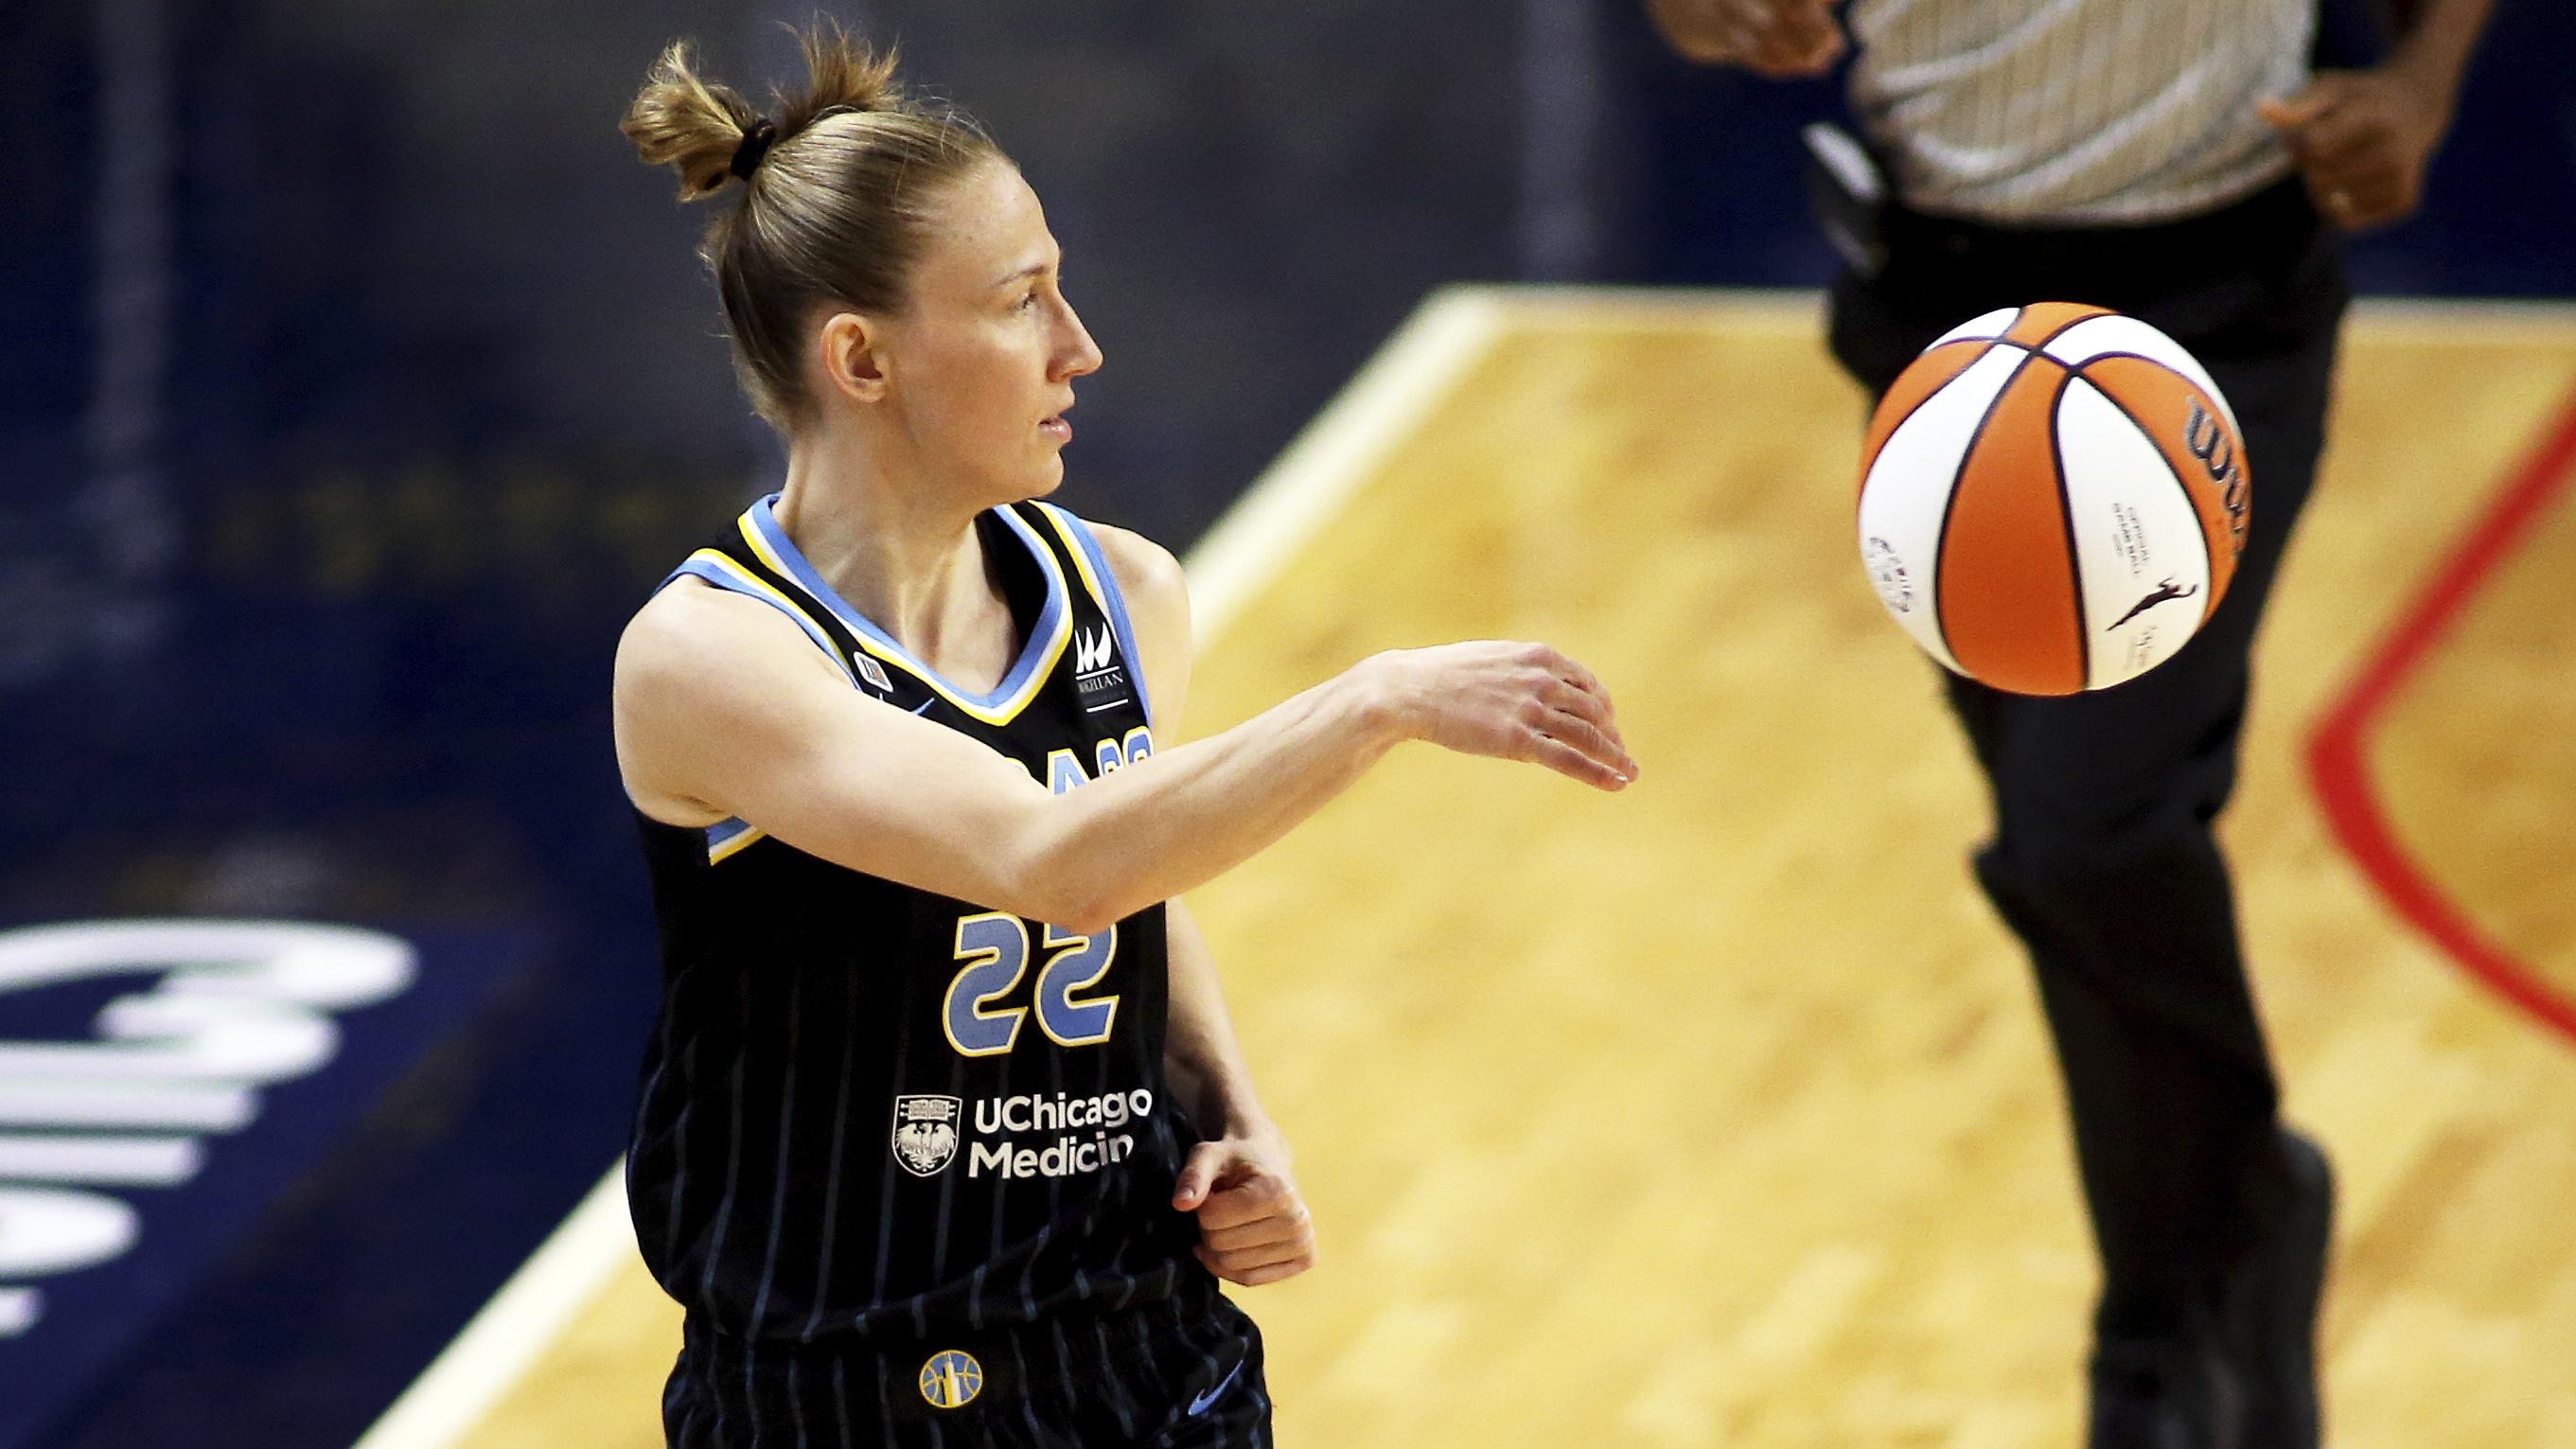 """""""She is the female John Stockton,"""" former teammate Katelan Redmon said of the Sky's Courtney Vandersloot."""